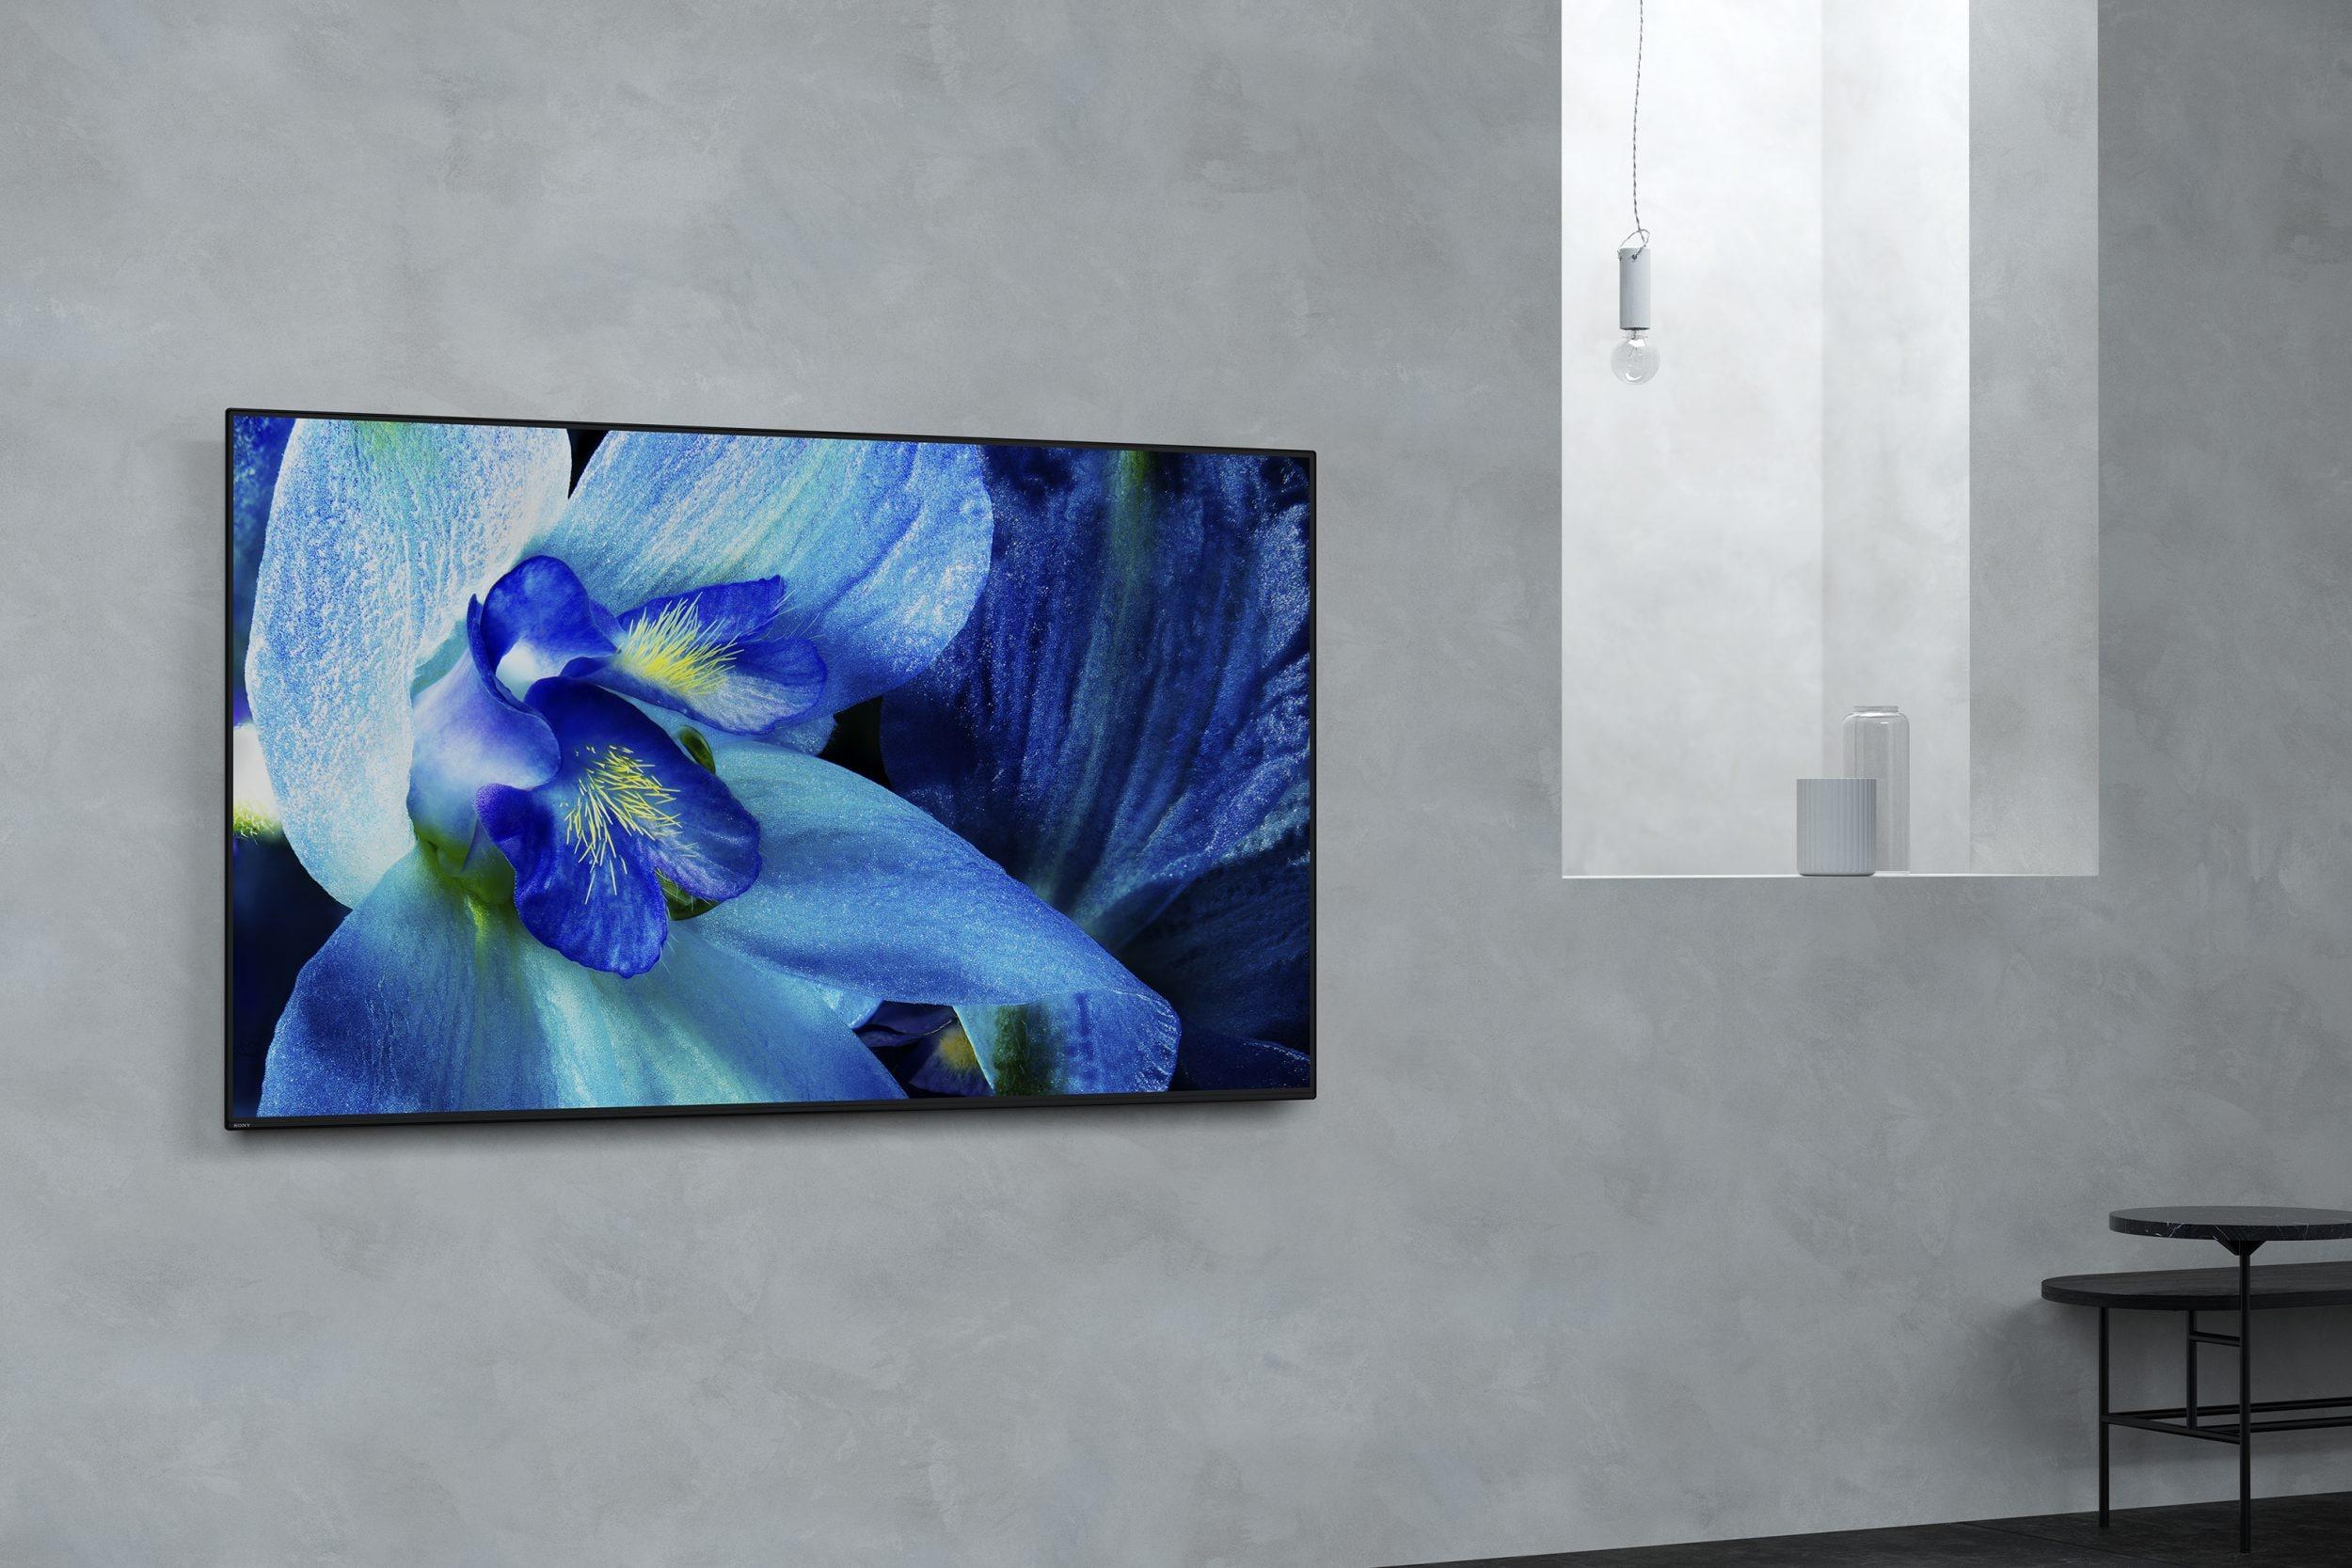 Sony presenta i nuovi TV OLED 4K: Acoustic Surface, Assistant integrato e tanto altro (foto e video)